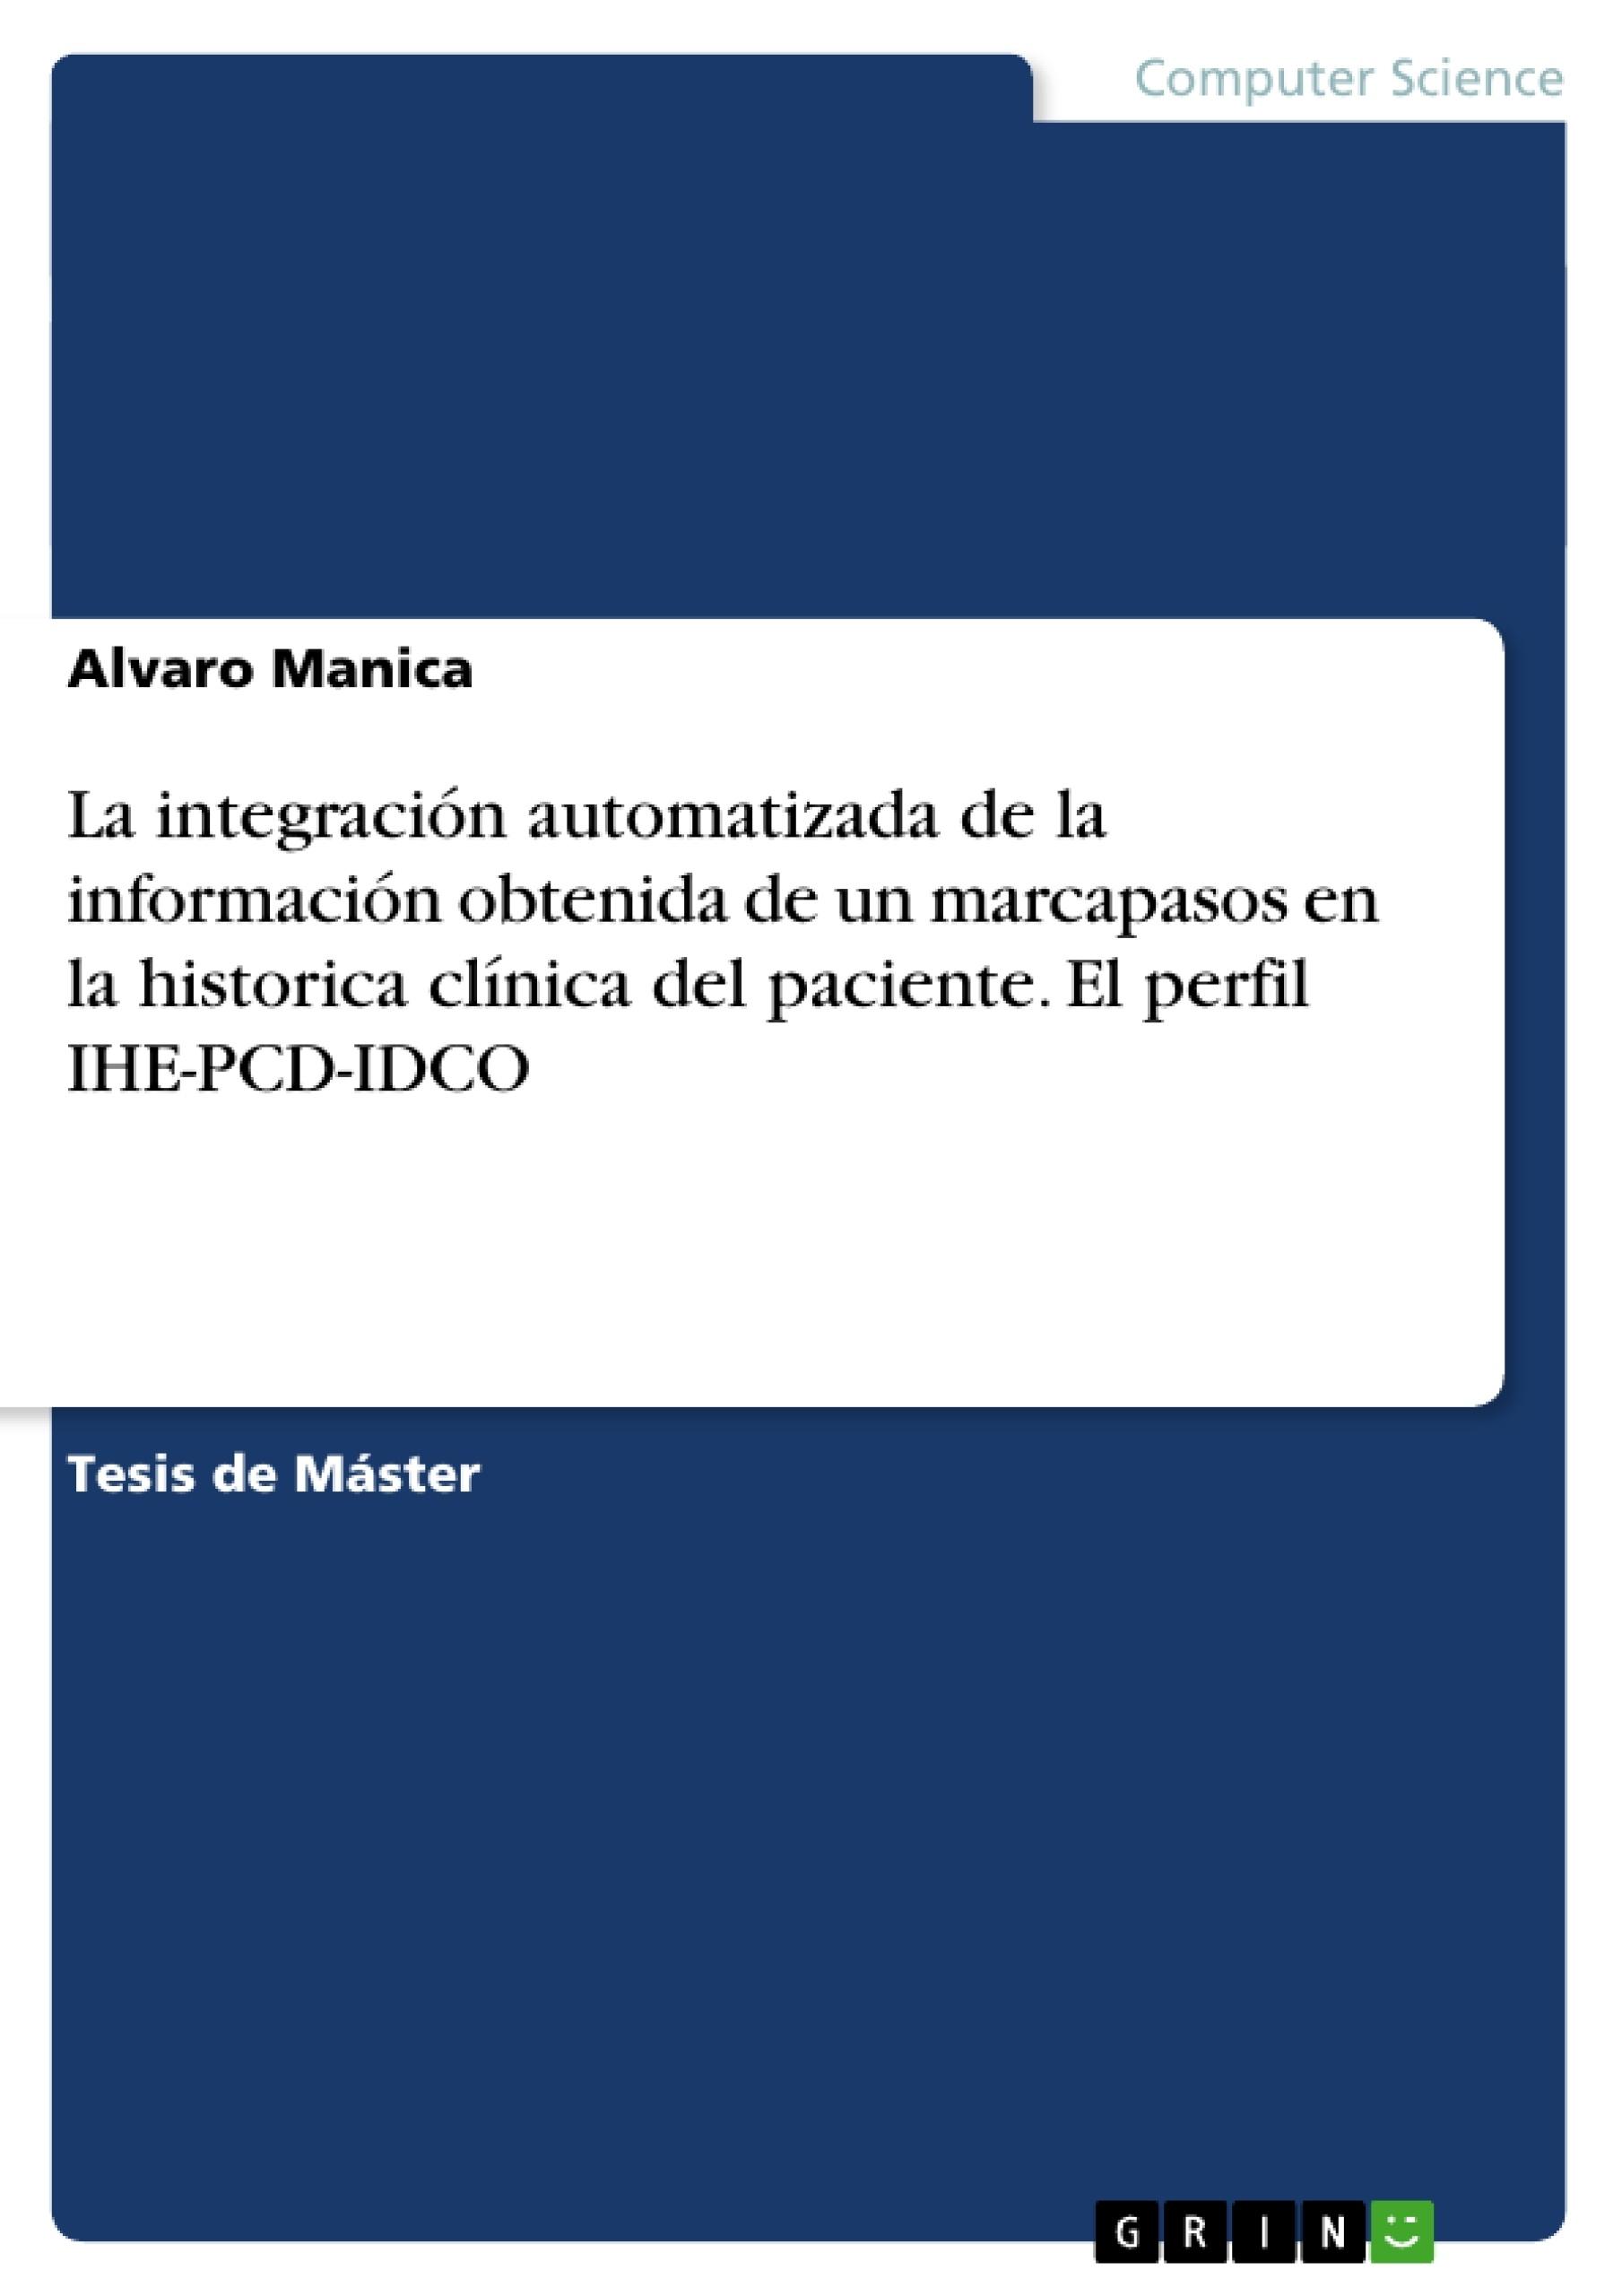 Título: La integración automatizada de la información obtenida de un marcapasos en la historica clínica del paciente. El perfil IHE-PCD-IDCO